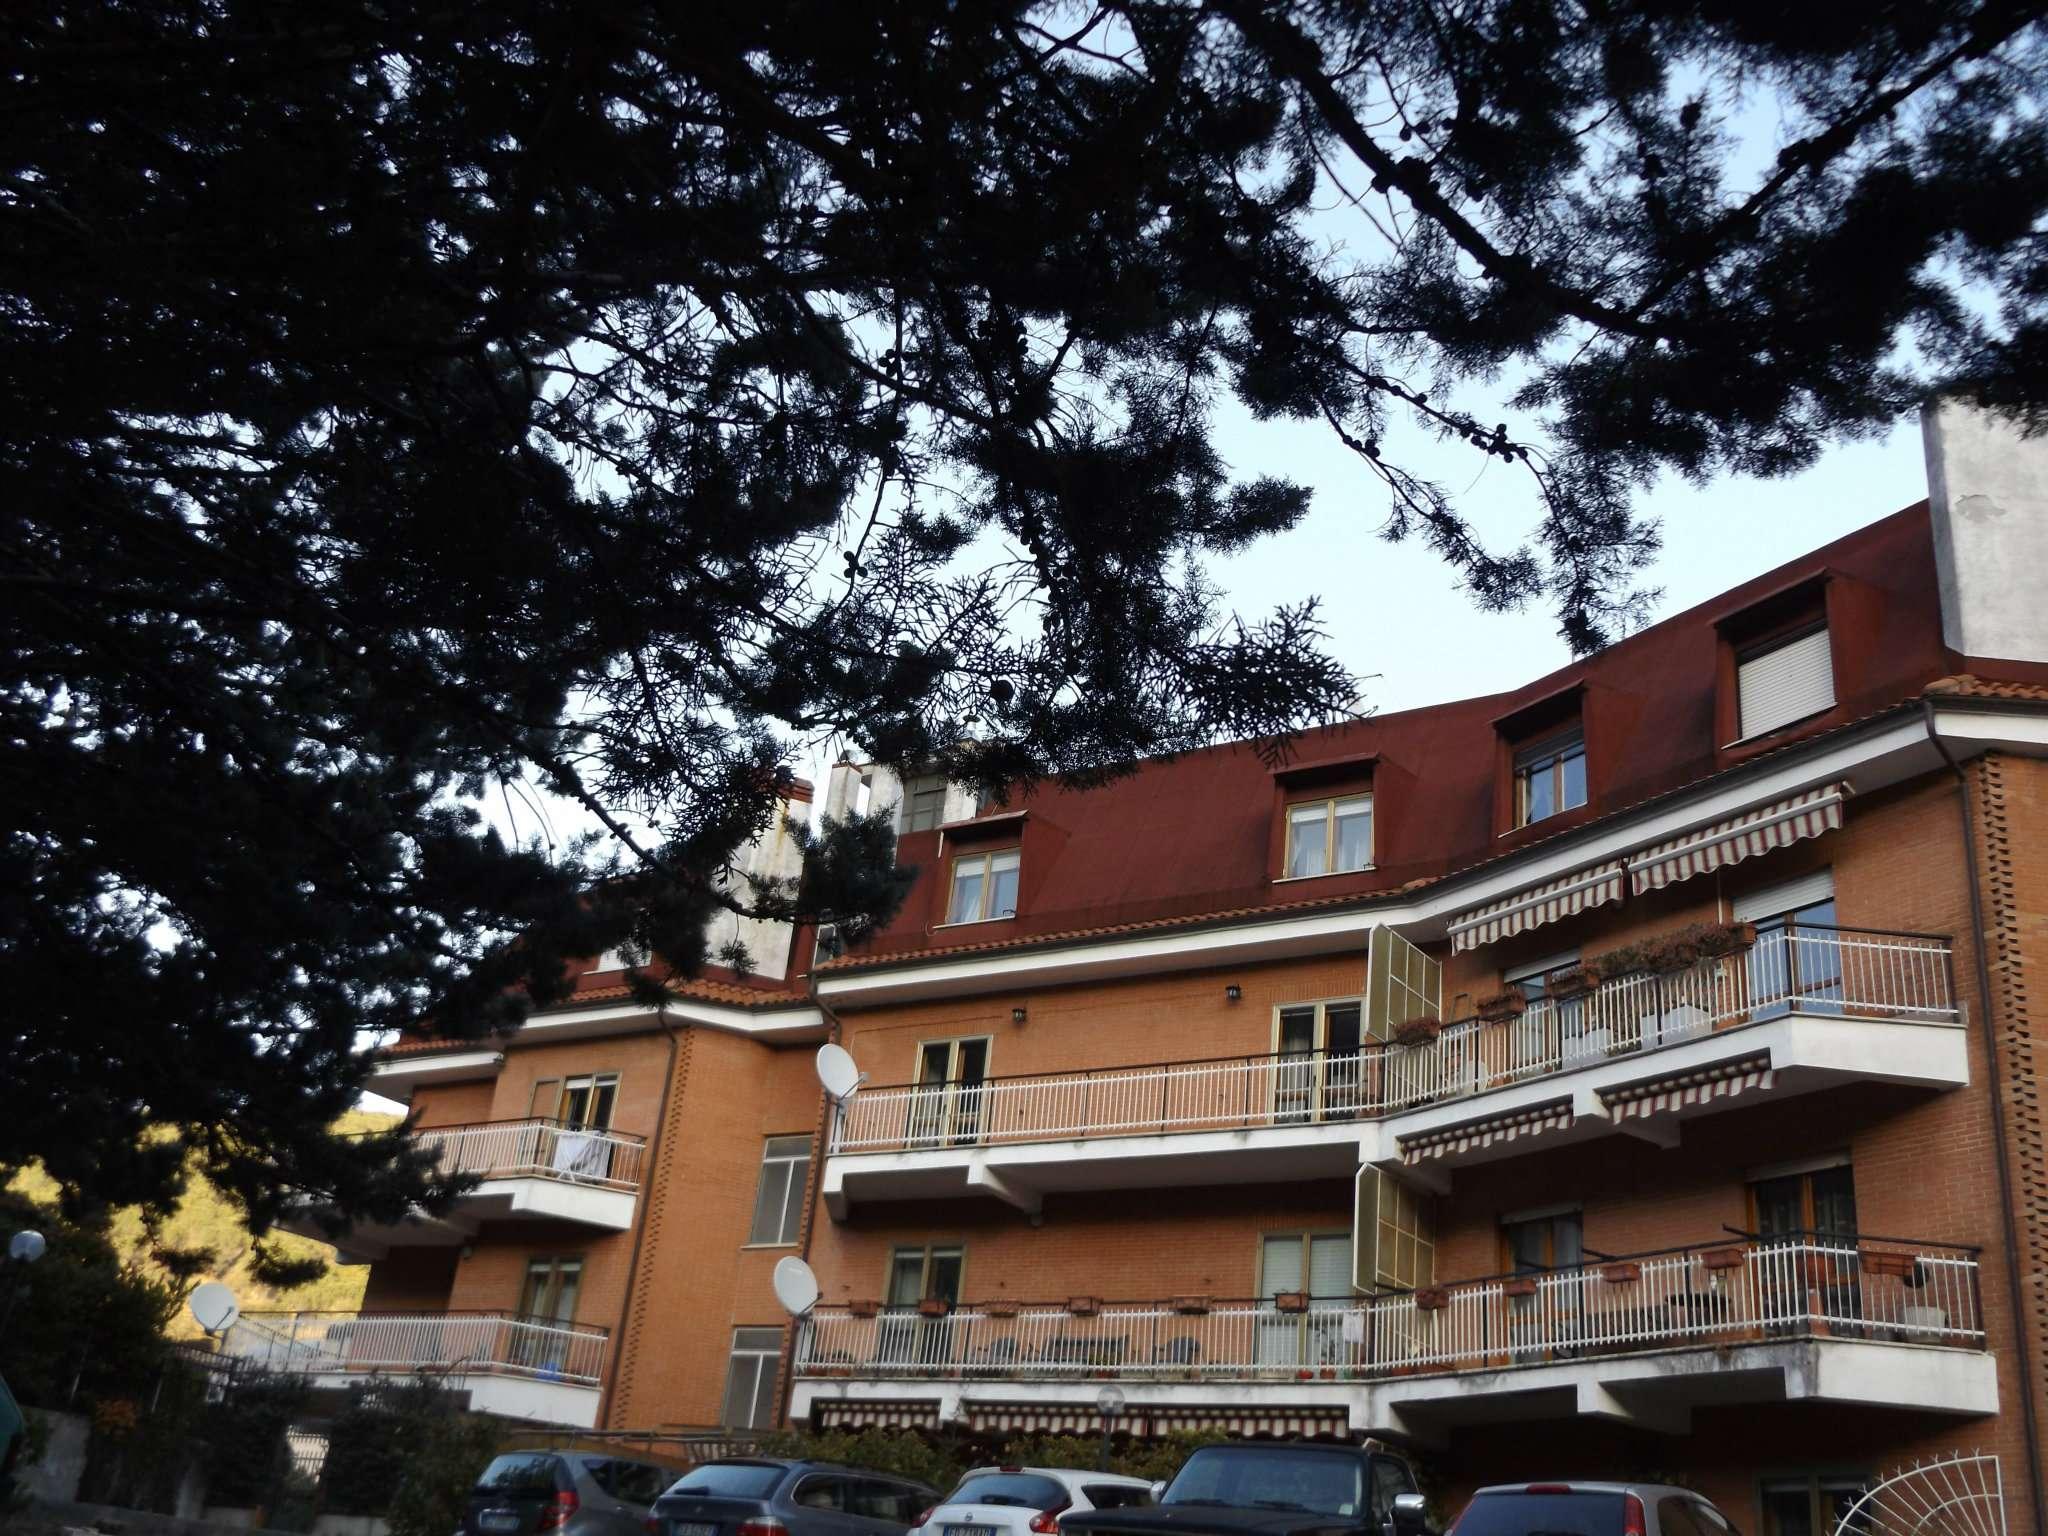 Appartamento in vendita a Arsoli, 4 locali, prezzo € 88.000 | CambioCasa.it